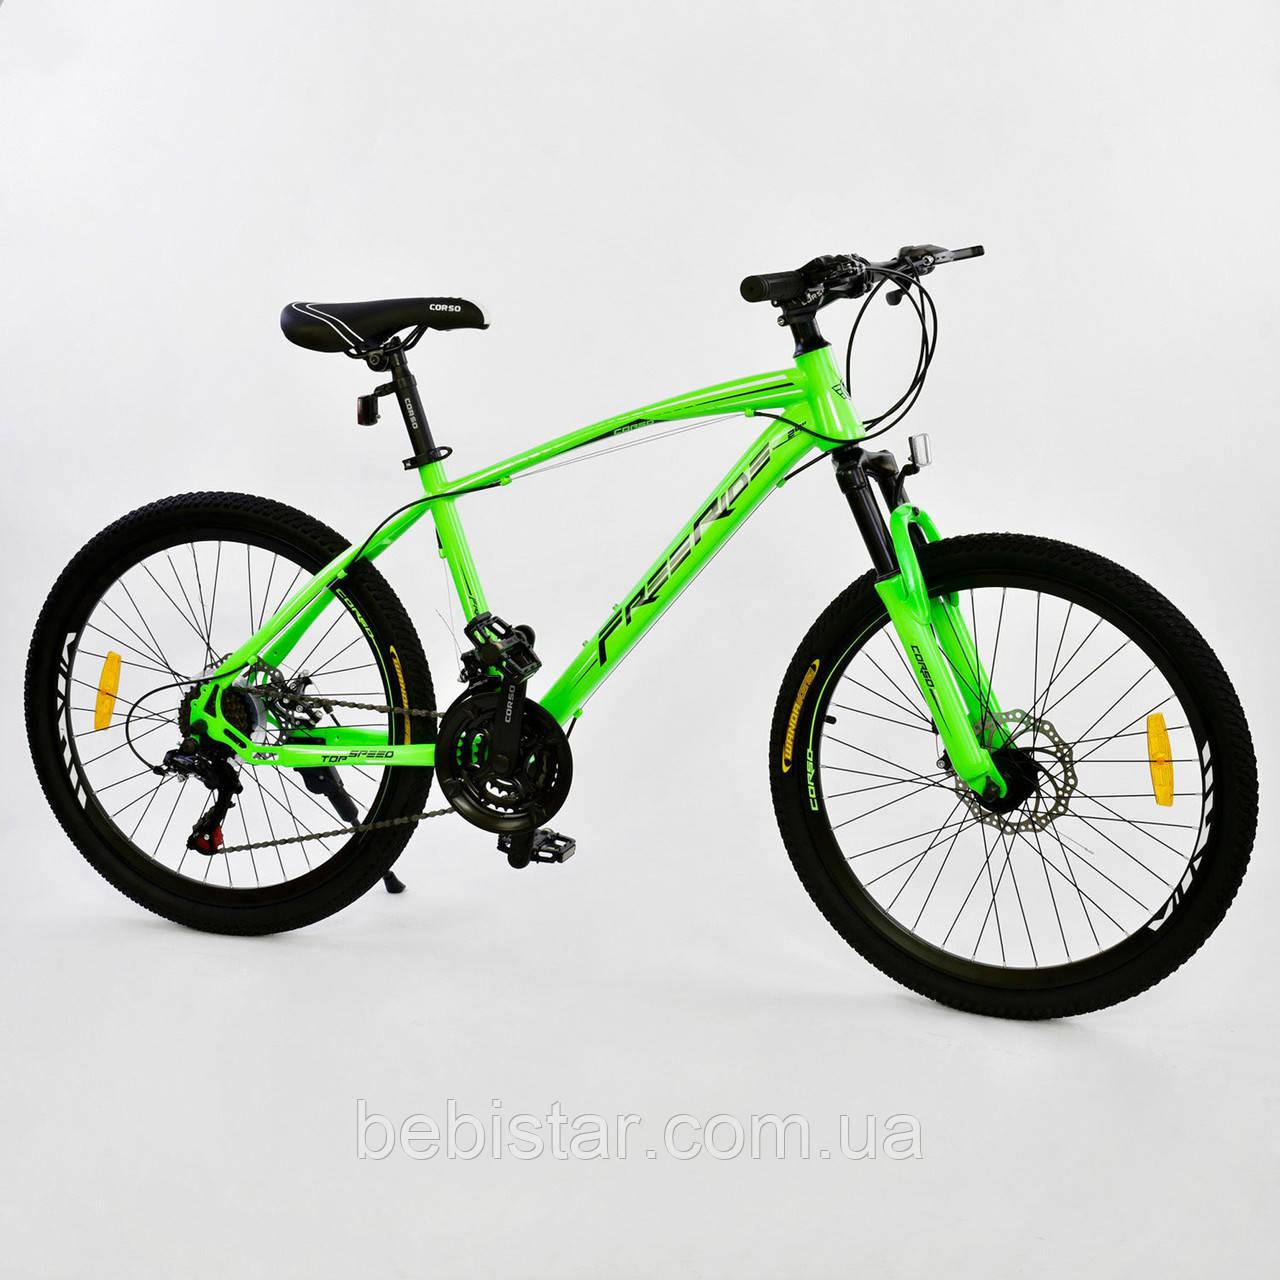 """Детский спортивный велосипед зеленый CORSO Free Ride 24"""" металлическая рама детям от 8 лет, от 135 см"""